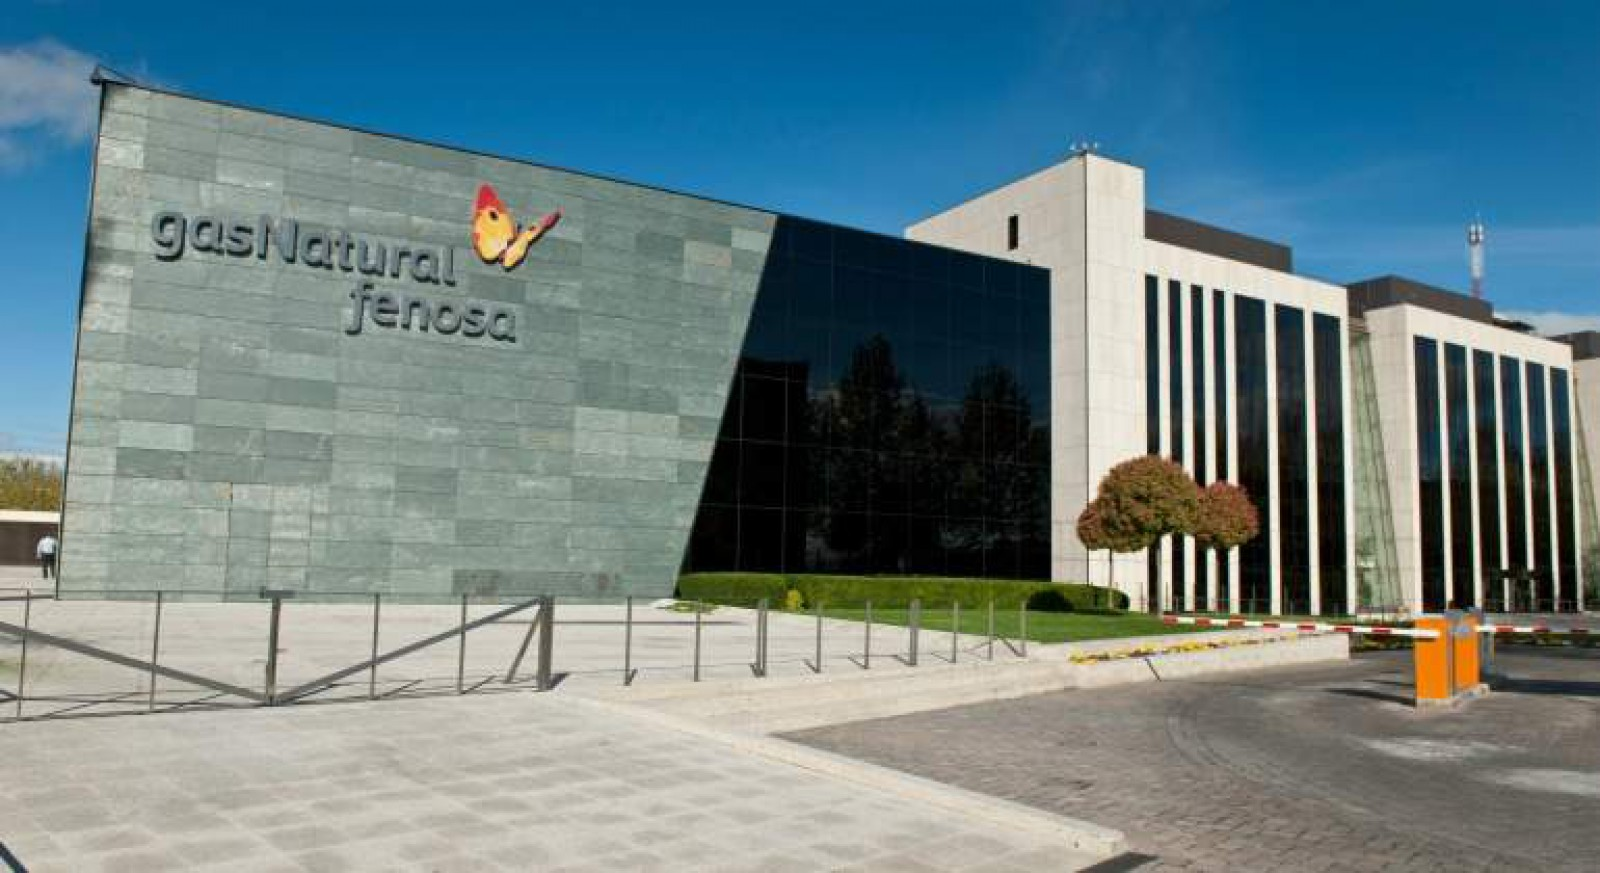 Reacția oficială a Gas Natural Fenosa cu privire la presupusa punere în vânzare a afacerilor din Moldova